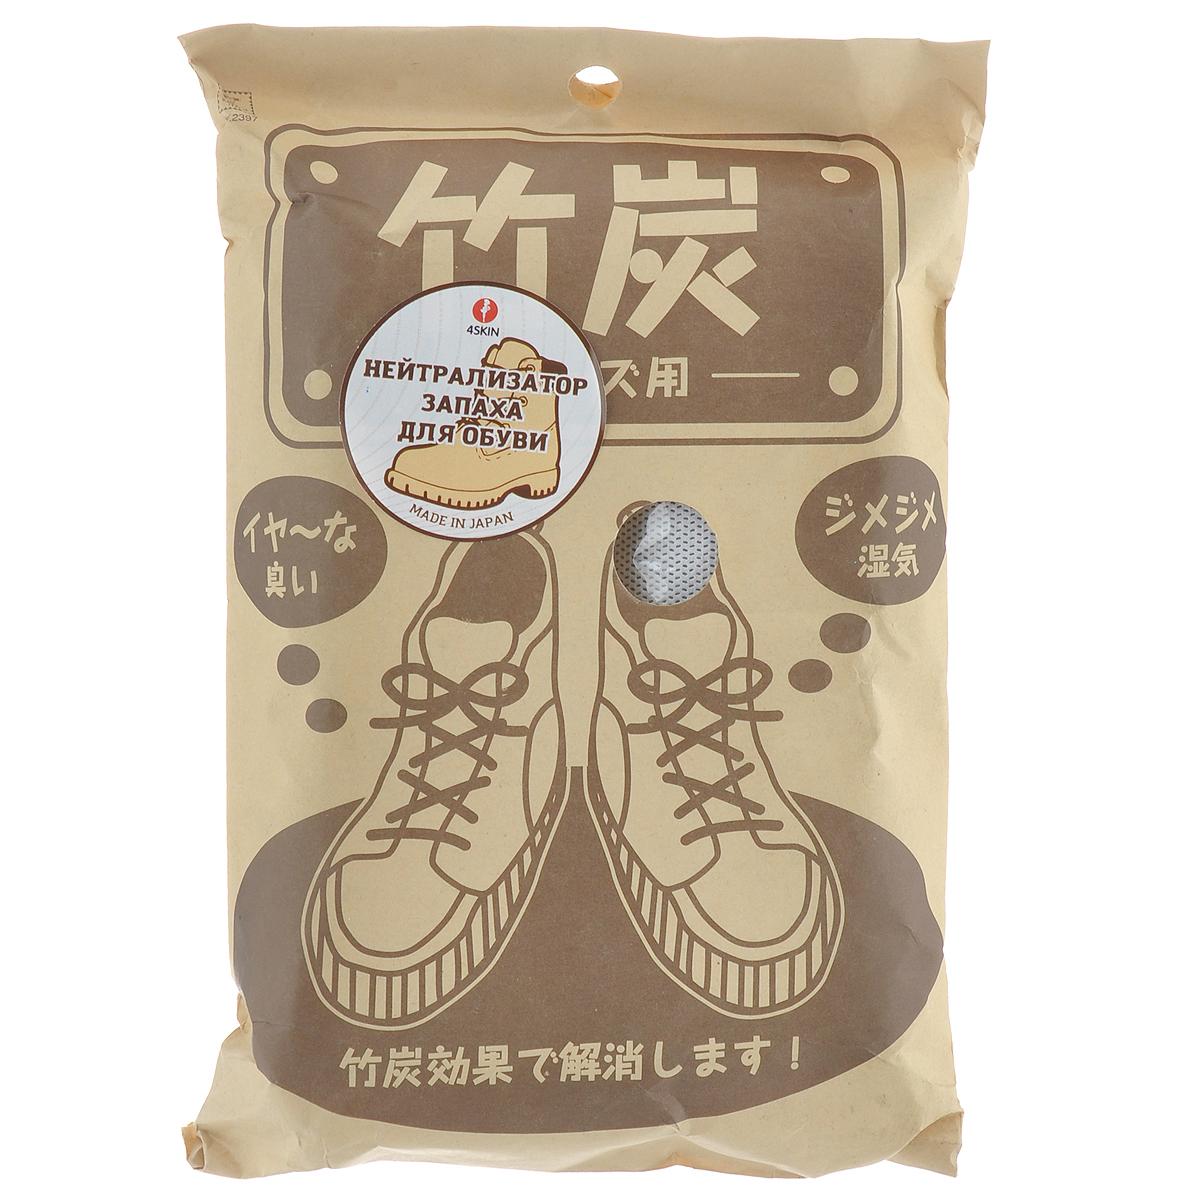 Нейтрализатор запаха для обуви KOKUBO Takesumi, 100 г, 2 шт21395599Нейтрализатор запаха для обуви KOKUBO Takesumi с бамбуковым углем - эффективное средство для качественного устранения неприятных запахов и влаги обуви. Высокие абсорбирующие свойства бамбукового угля позволяют высушить обувь всего за несколько часов и, при этом, избежать повреждения структуры обуви и изменения ее внешнего вида. Способ применения: достаньте поглотитель из упаковки, положите в обувь, оставьте на 4-6 часов. После высыхания обуви выньте из нее поглотитель и просушите его в течении 3-4 часов в теплом месте. После чего поглотитель снова будет годен для использования. Состав: силикагель, полипропилен, бамбуковый уголь. Вес: 100 г. Количество: 2 шт.